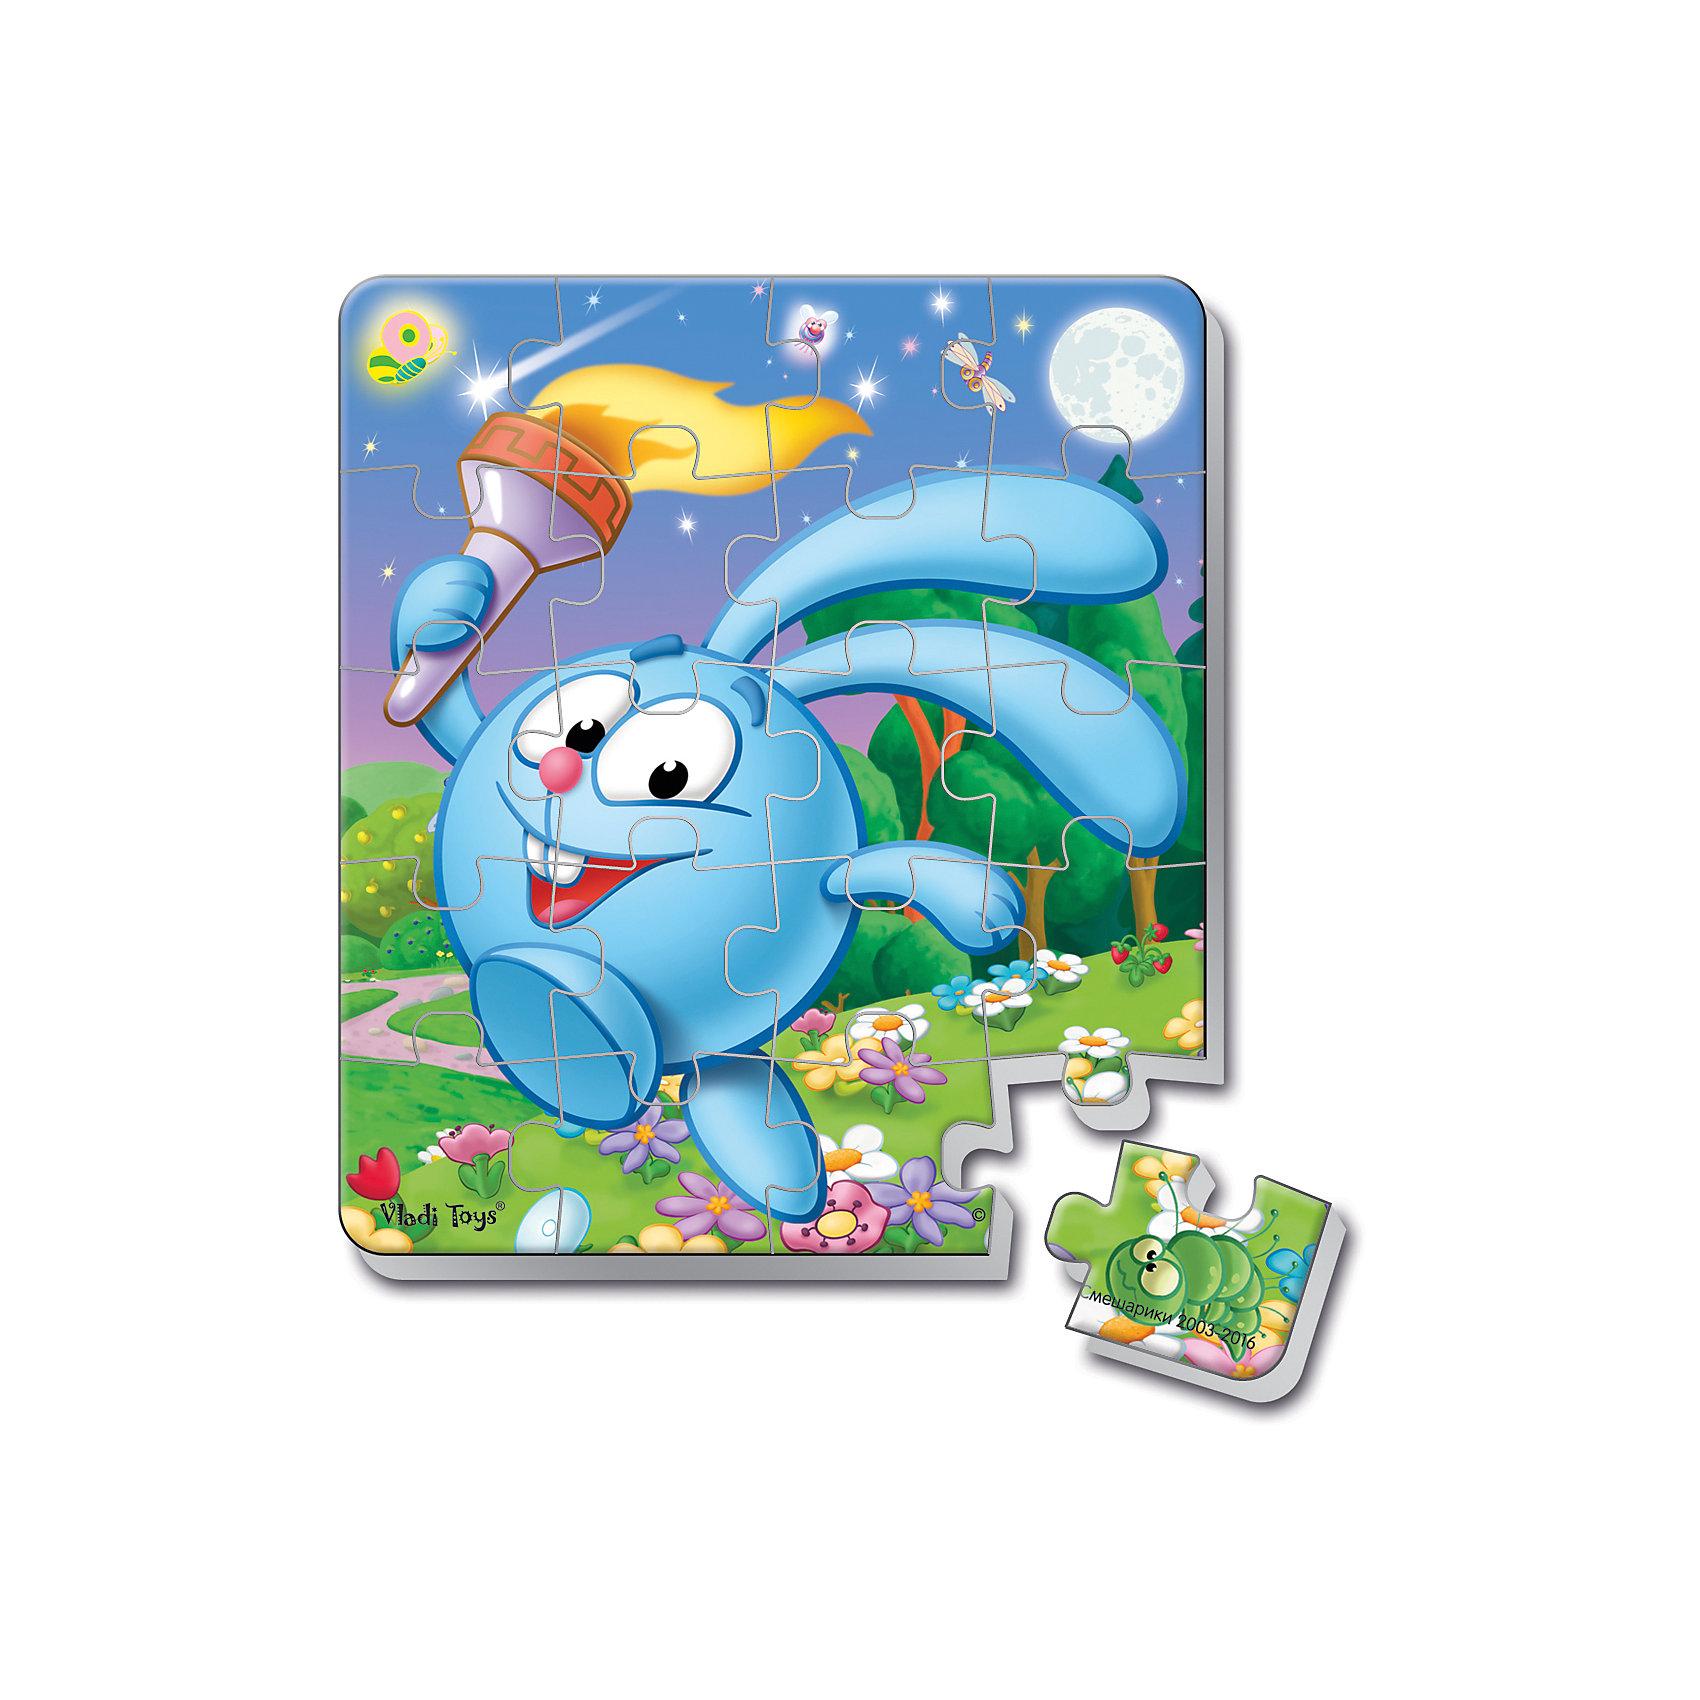 Мягкие магнитные пазлы в стакане Крош, Смешарики, Vladi ToysХарактеристики:<br><br>• Вид игр: развивающие<br>• Серия: пазлы-магниты<br>• Пол: универсальный<br>• Материал: полимер, пластик, магнит<br>• Цвет: голубой, белый, зеленый, коричневый и др.<br>• Комплектация: 1 пазл из 20-ти элементов, магнит<br>• Размеры (Д*Ш*В): 7,5*7,5*11 см<br>• Тип упаковки: пластиковый стакан <br>• Вес: 37 г<br><br>Мягкие магнитные пазлы в стакане Крош, Смешарики, Vladi Toys, производителем которых является компания, специализирующаяся на выпуске развивающих игр, давно уже стали популярными среди аналогичной продукции. Мягкие пазлы – идеальное решение для развивающих занятий с самыми маленькими детьми, так как они разделены на большие элементы с крупными изображениями, чаще всего в качестве картинок используются герои популярных мультсериалов. Самое важное в пазле для малышей – это минимум деталей и безопасность элементов. Все используемые в производстве материалы являются экологически безопасными, не вызывают аллергии, не имеют запаха. Мягкие магнитные пазлы в стакане Крош, Смешарики, Vladi Toys представляет собой сюжетную картинку, которая состоит из 20-и магнитных элементов с изображением Кроша с факелом. <br>Занятия с мягкими пазлами от Vladi Toys способствуют развитию не только мелкой моторики, но и внимательности, усидчивости, терпению при достижении цели. Кроме того, по собранной картинке можно составлять рассказ, что позволит развивать речевые навыки, память и воображение.<br><br>Мягкие магнитные пазлы в стакане Крош, Смешарики, Vladi Toys можно купить в нашем интернет-магазине.<br><br>Ширина мм: 75<br>Глубина мм: 75<br>Высота мм: 110<br>Вес г: 37<br>Возраст от месяцев: 24<br>Возраст до месяцев: 60<br>Пол: Унисекс<br>Возраст: Детский<br>SKU: 5136093